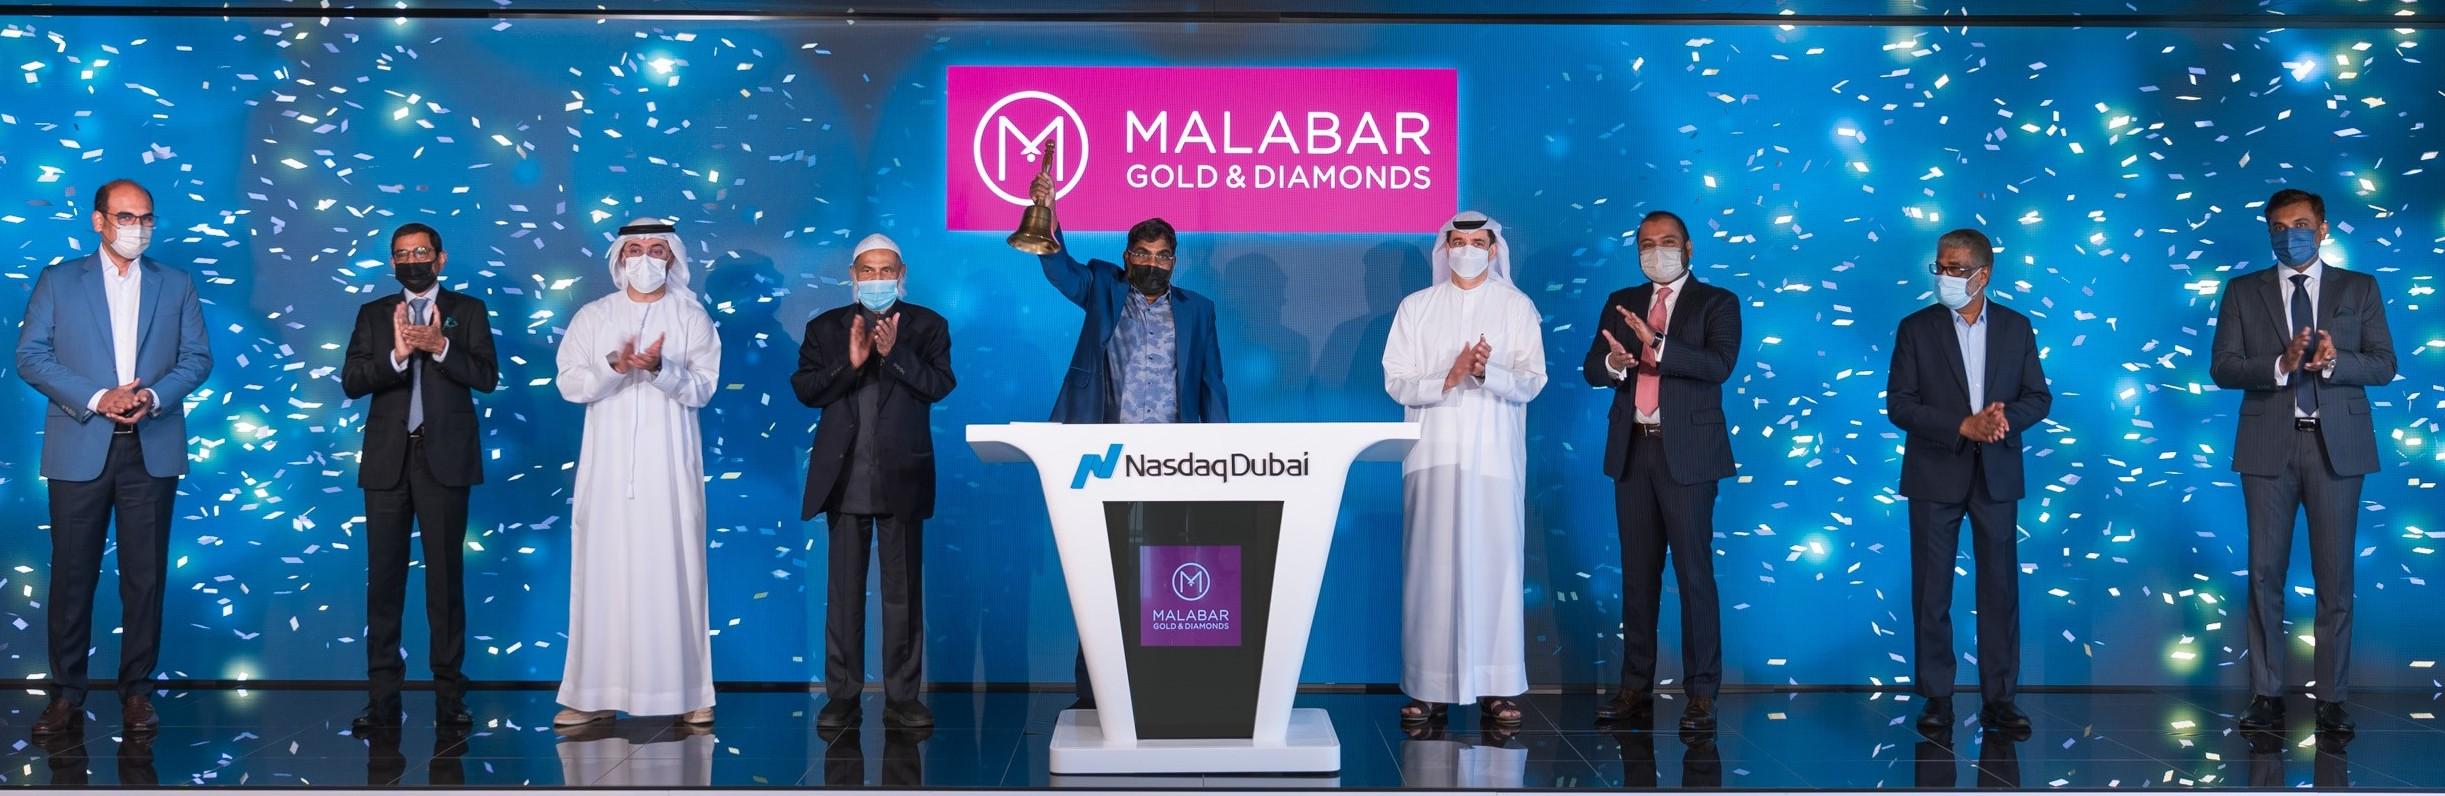 Malabar BR